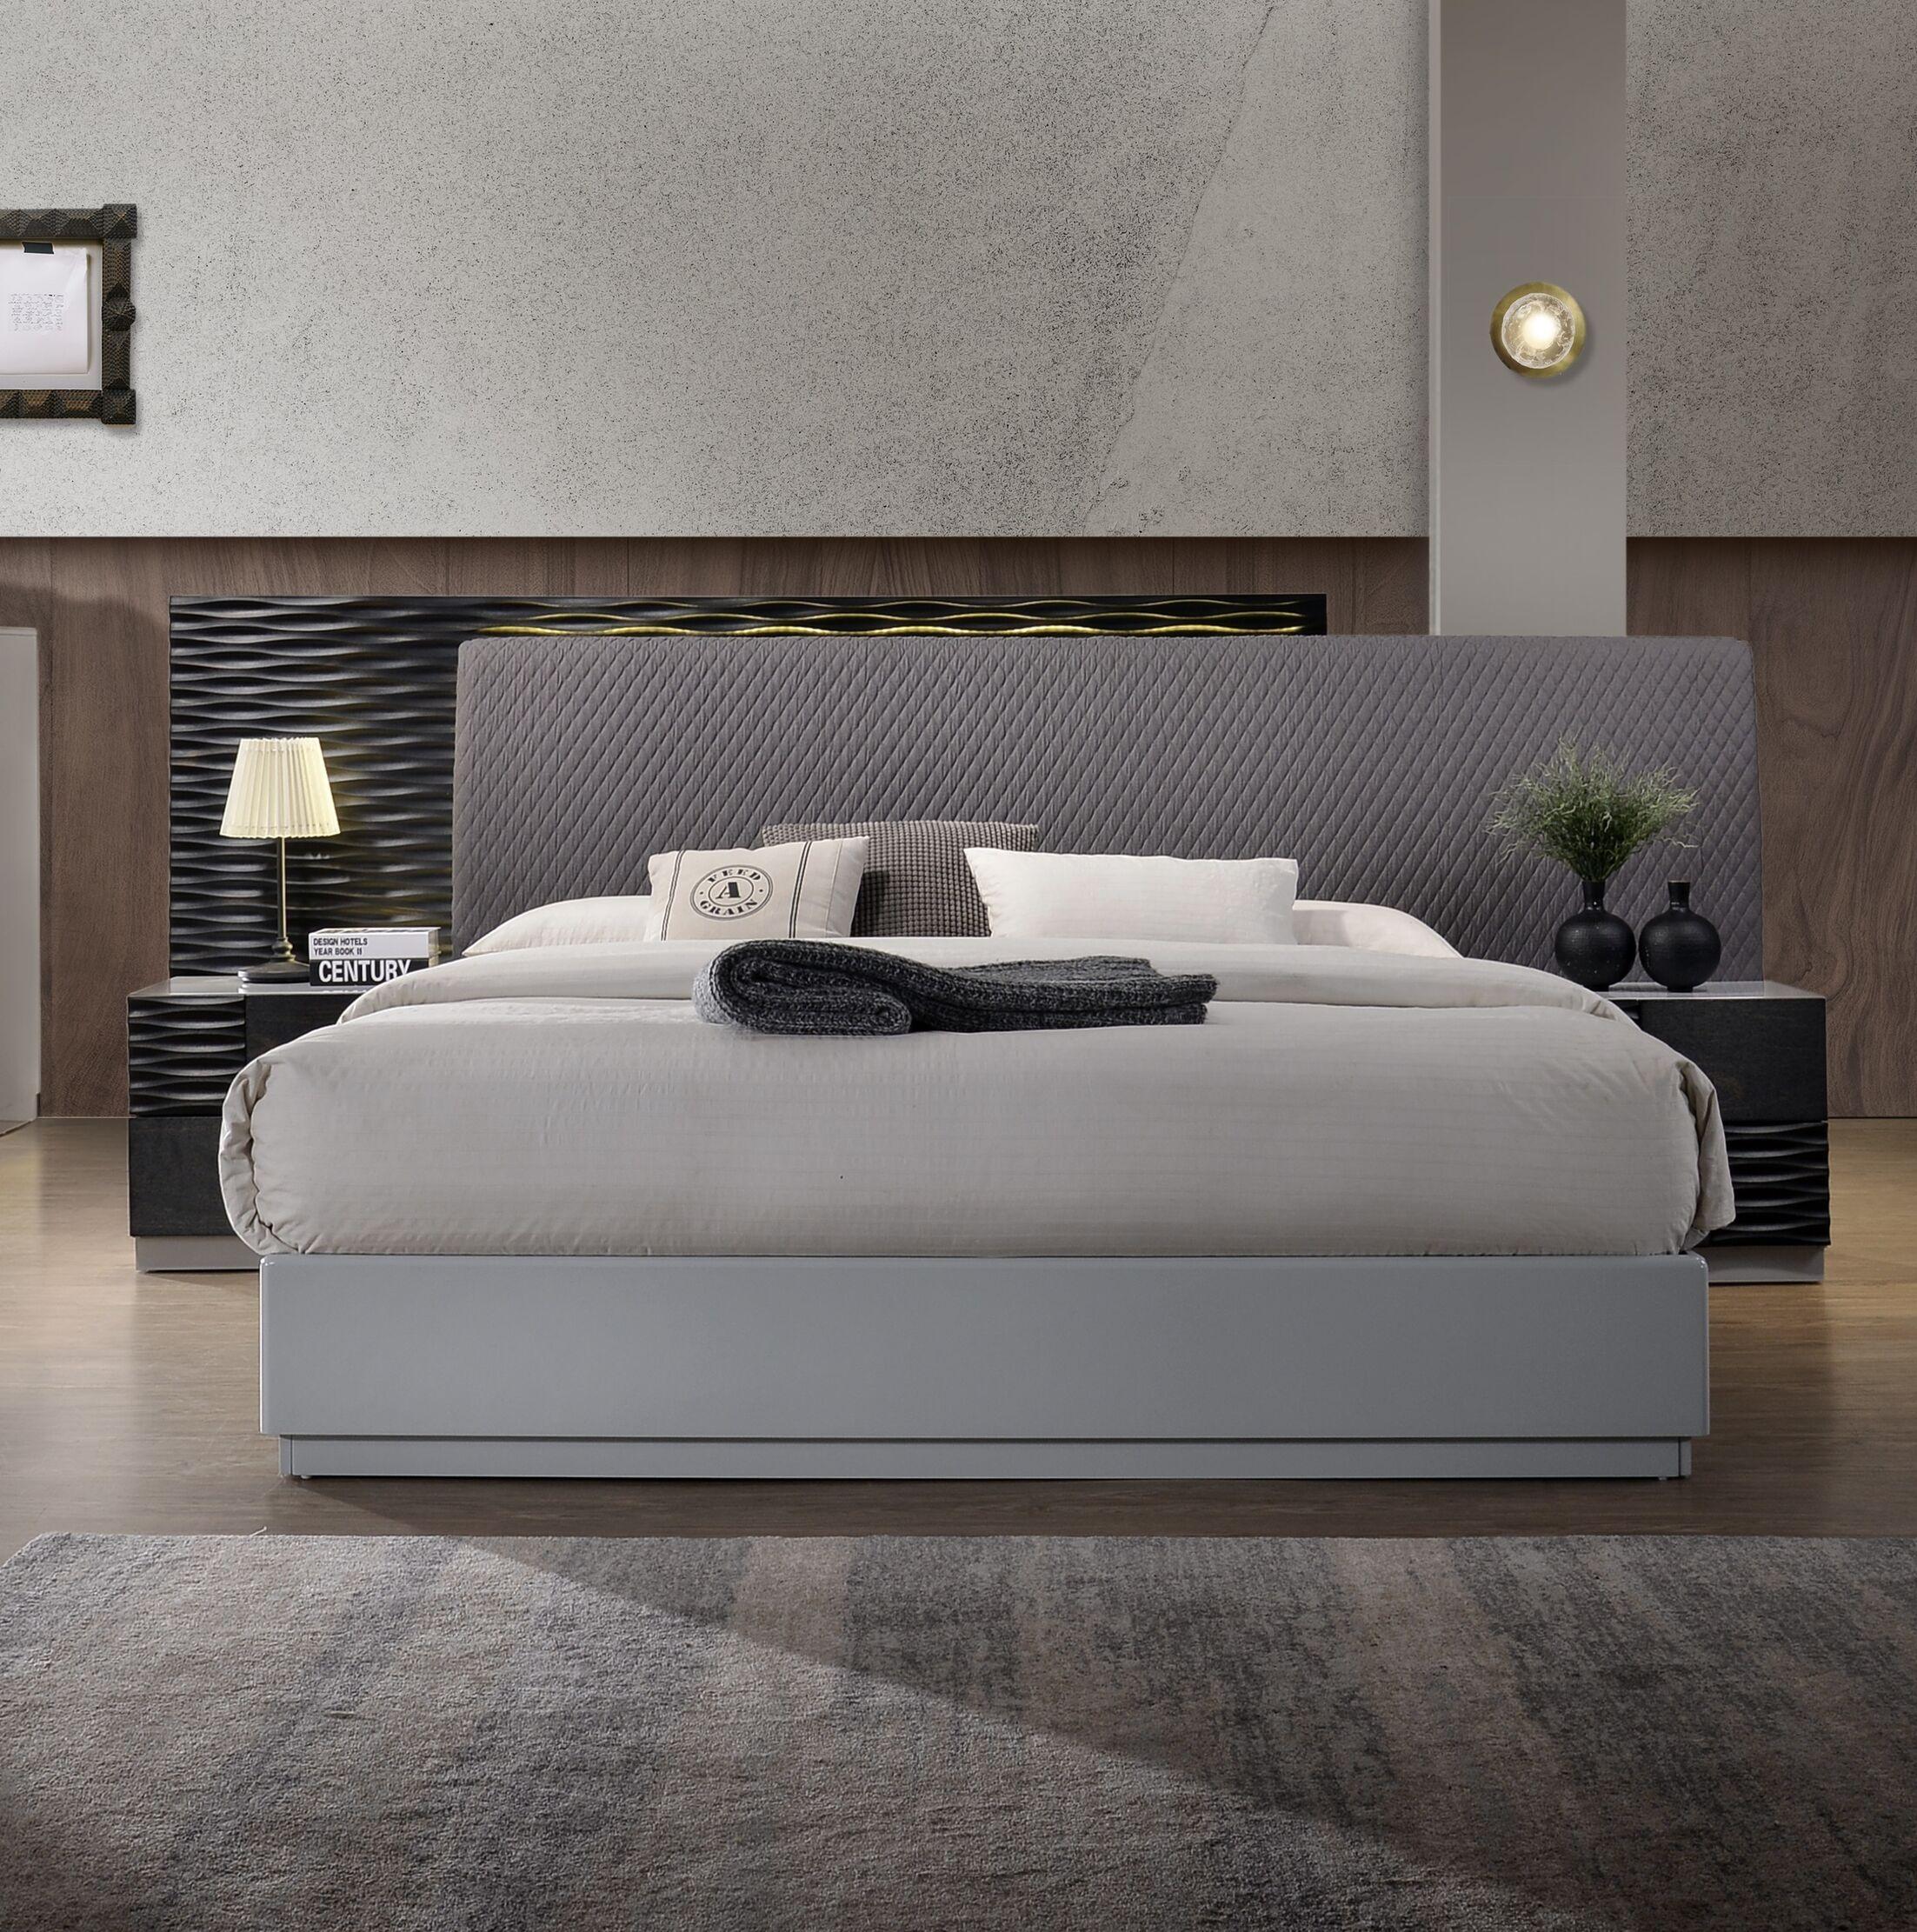 Bernice Upholstered Platform Bed Size: King